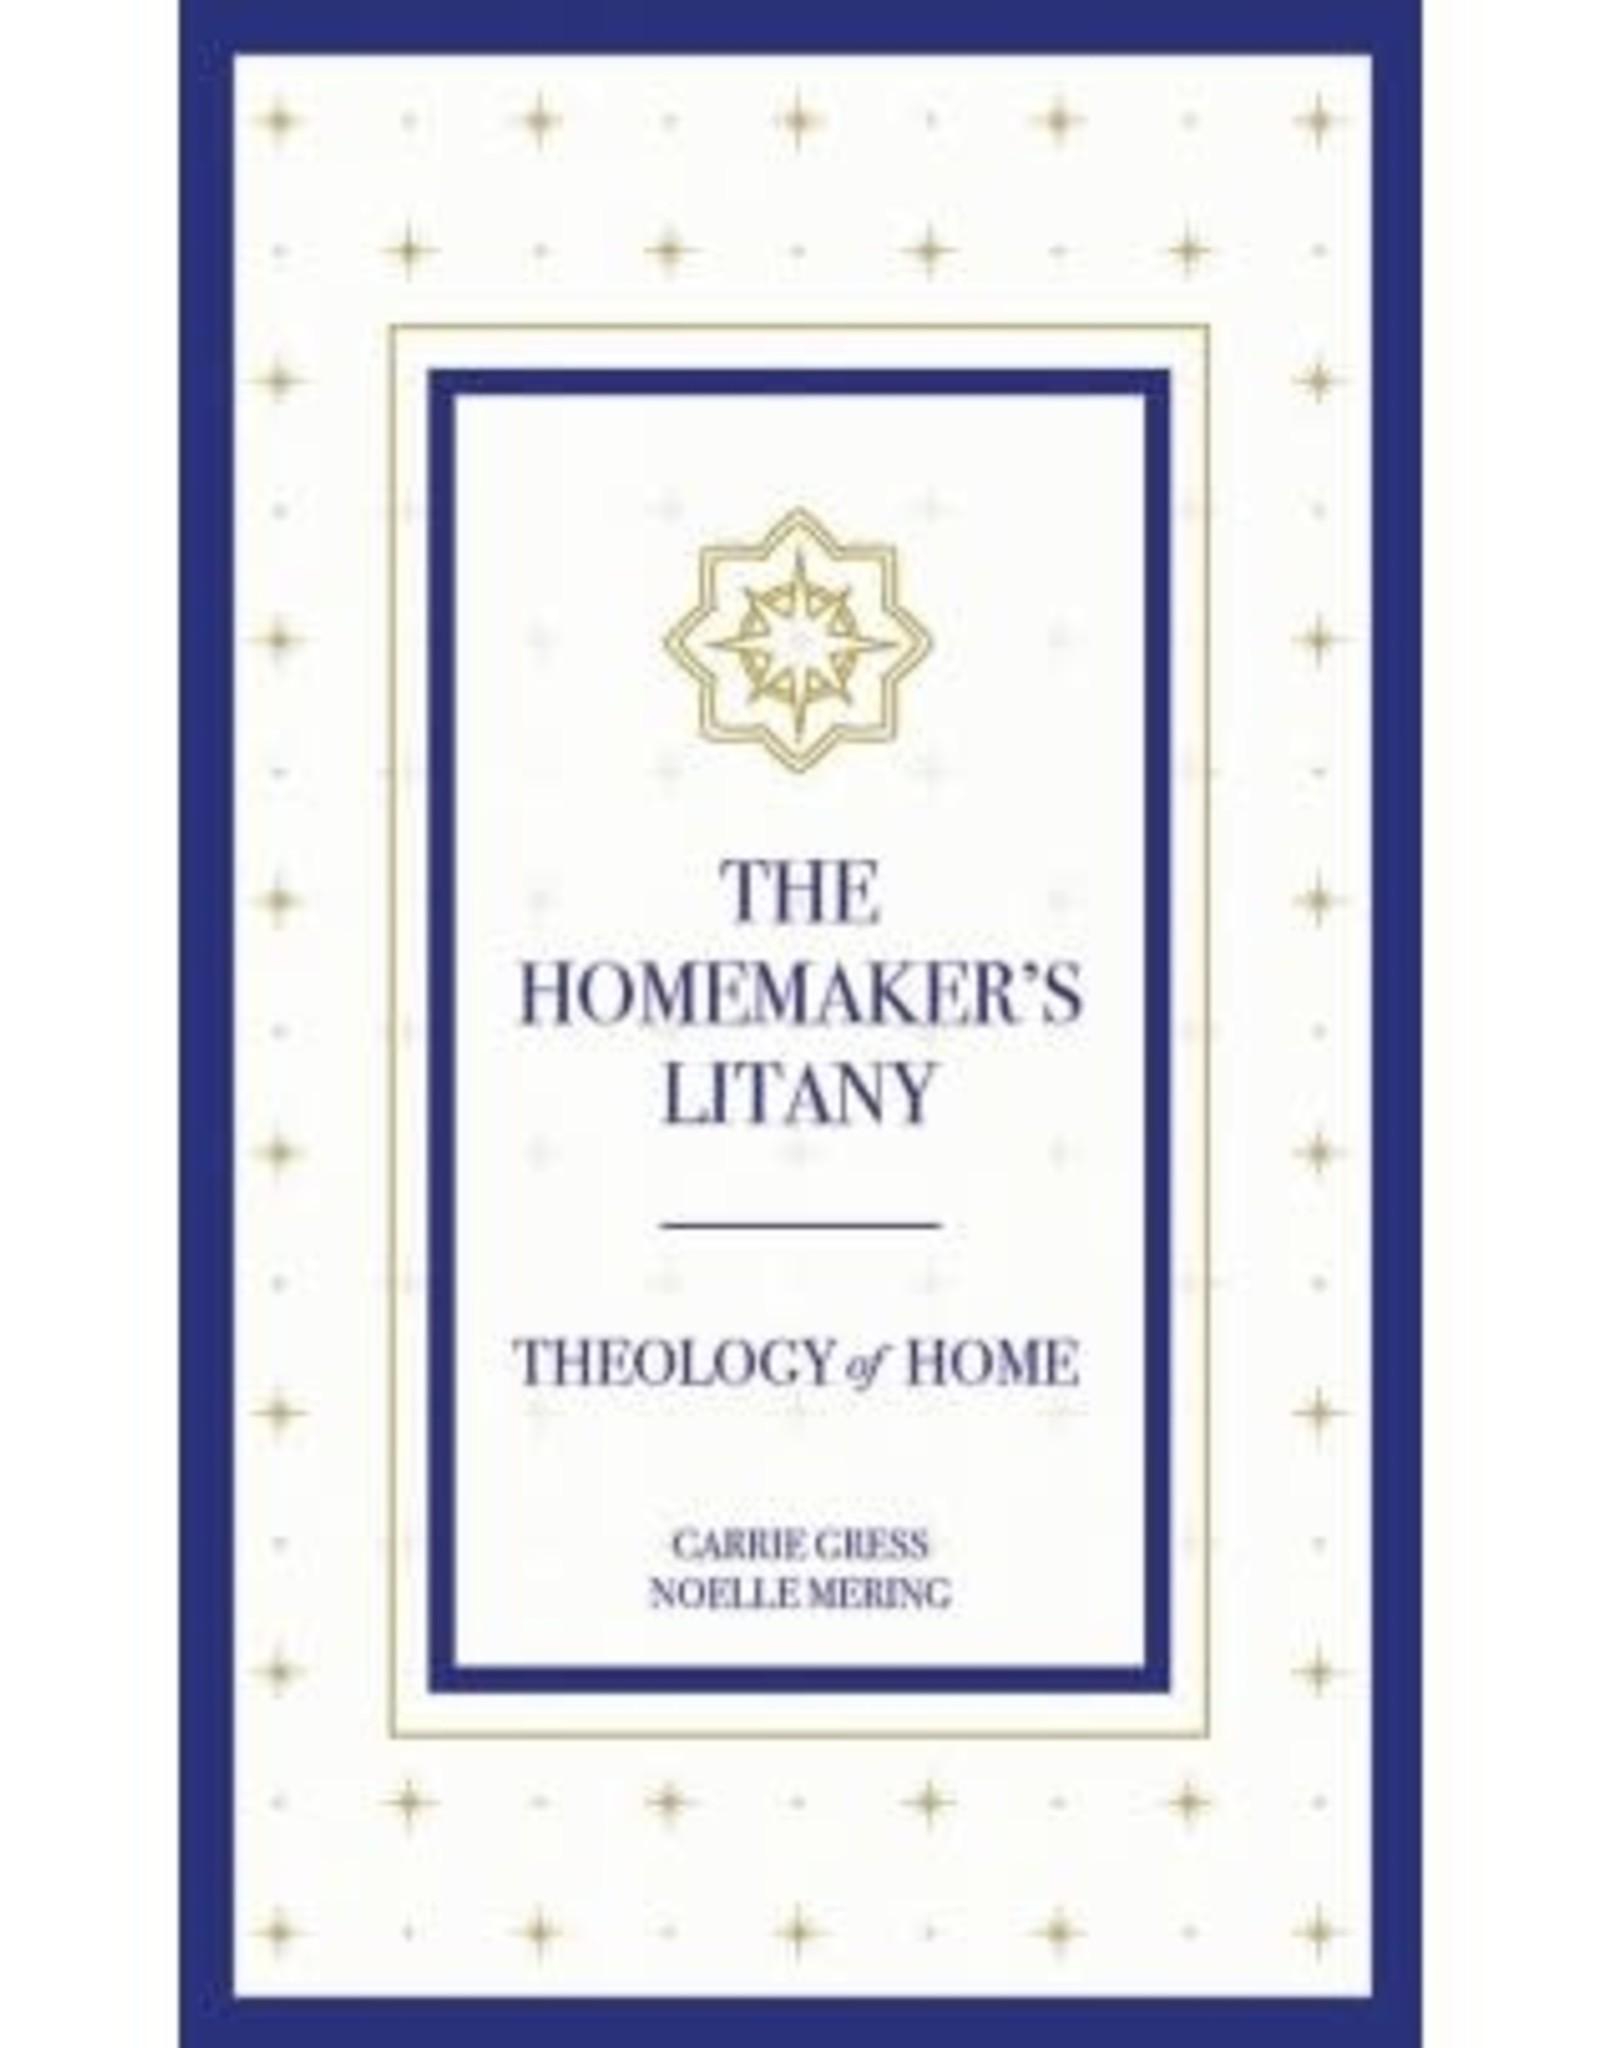 The Homemaker's Litany